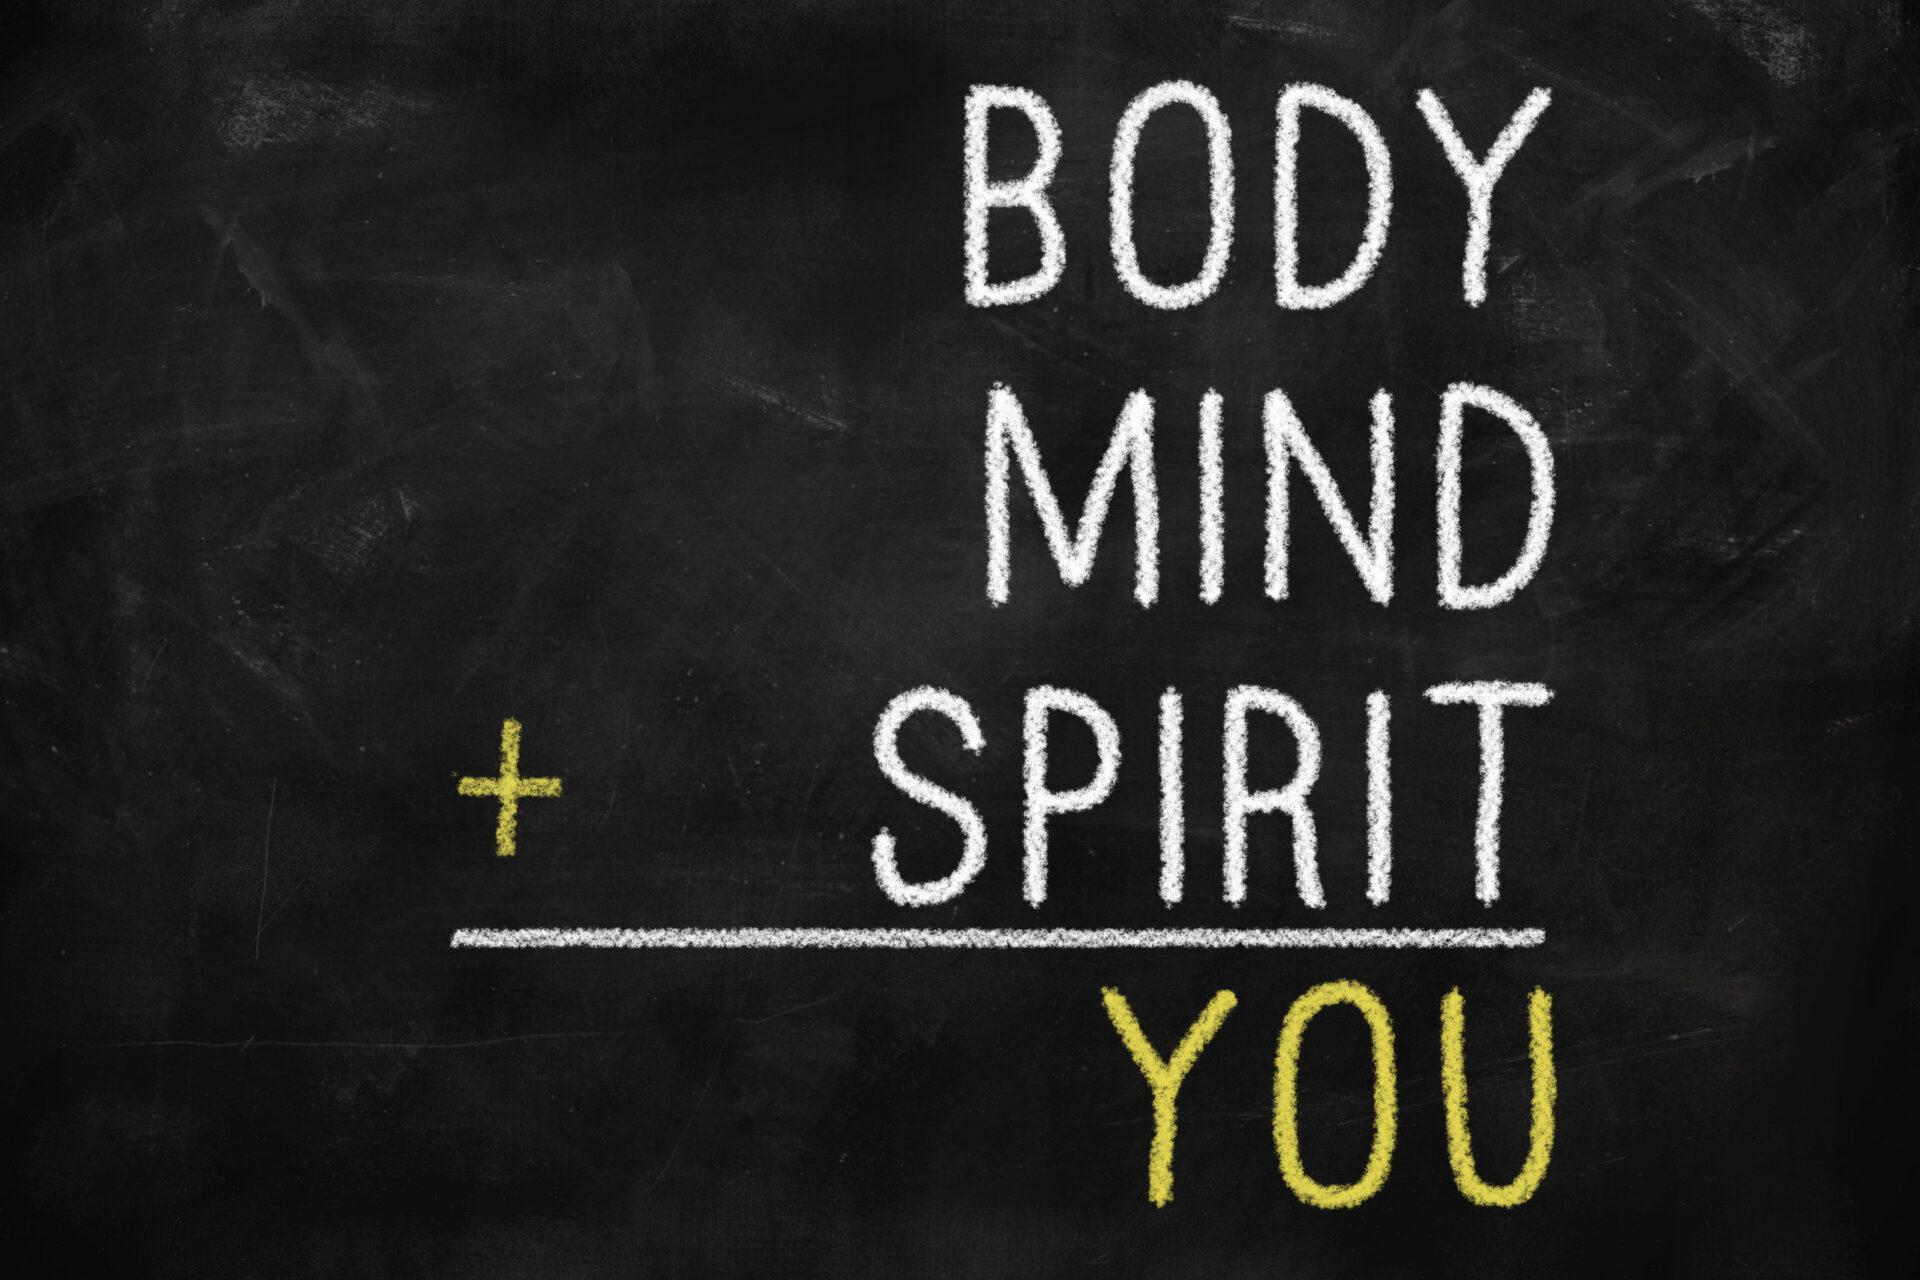 Body, Mind und Spirit ergeben You, Ganzheitlichkeit von Körper, Geist und Seele